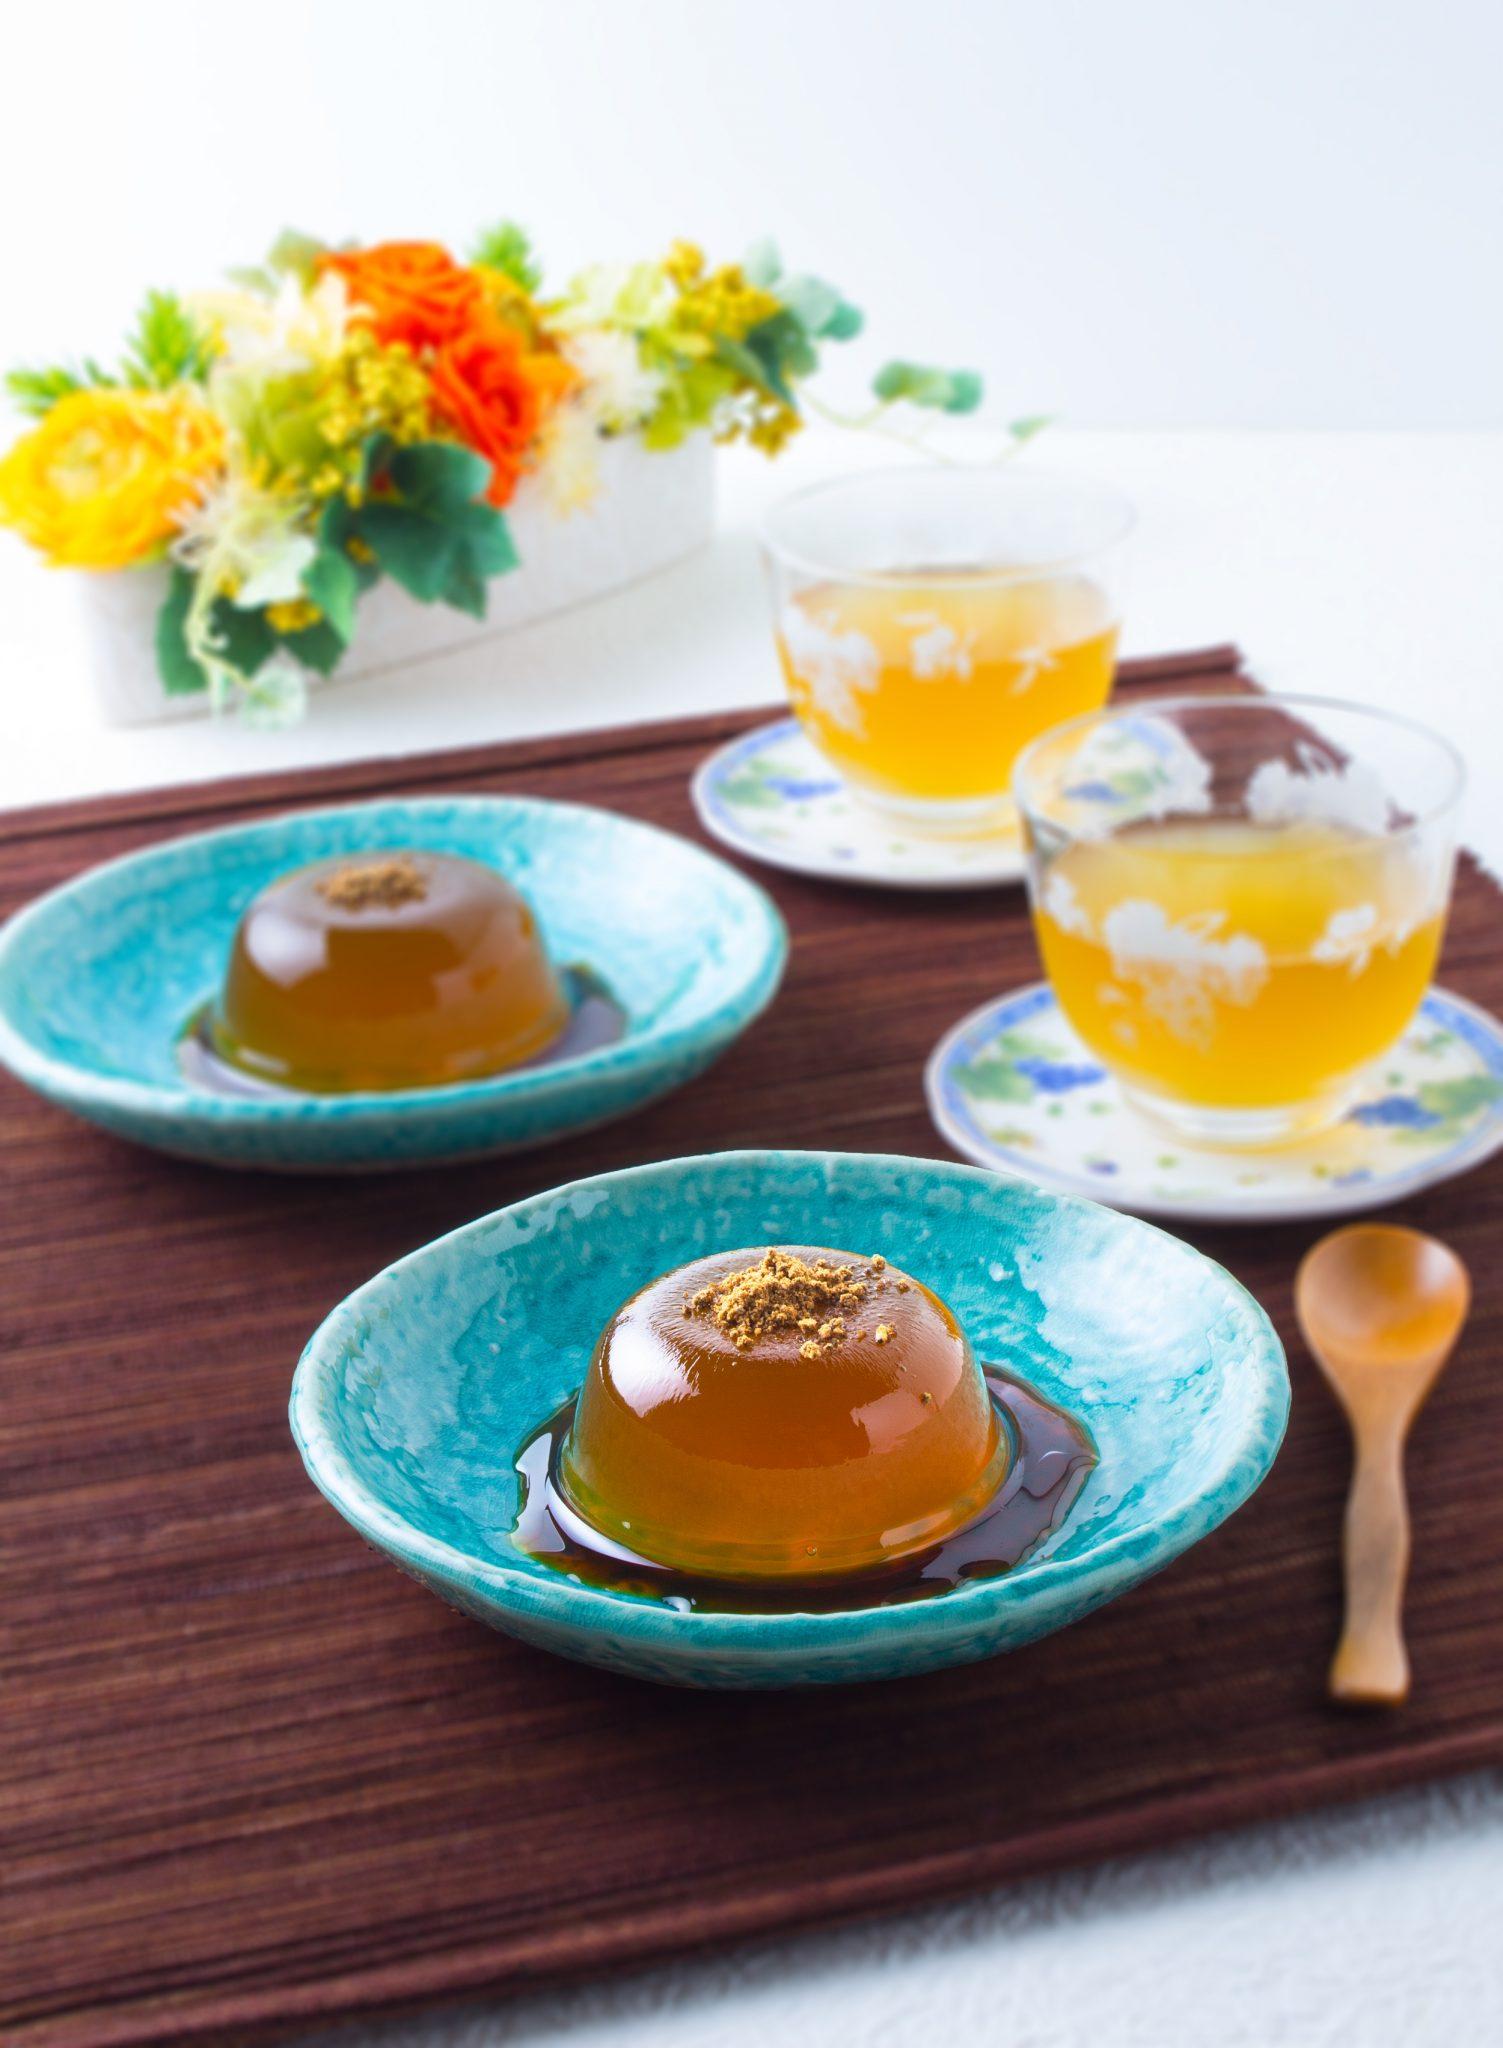 《徳島市/あわや》夏まで待てない皆さんと「わらび餅食べたい」を共感したい!(●´ڡ`●)